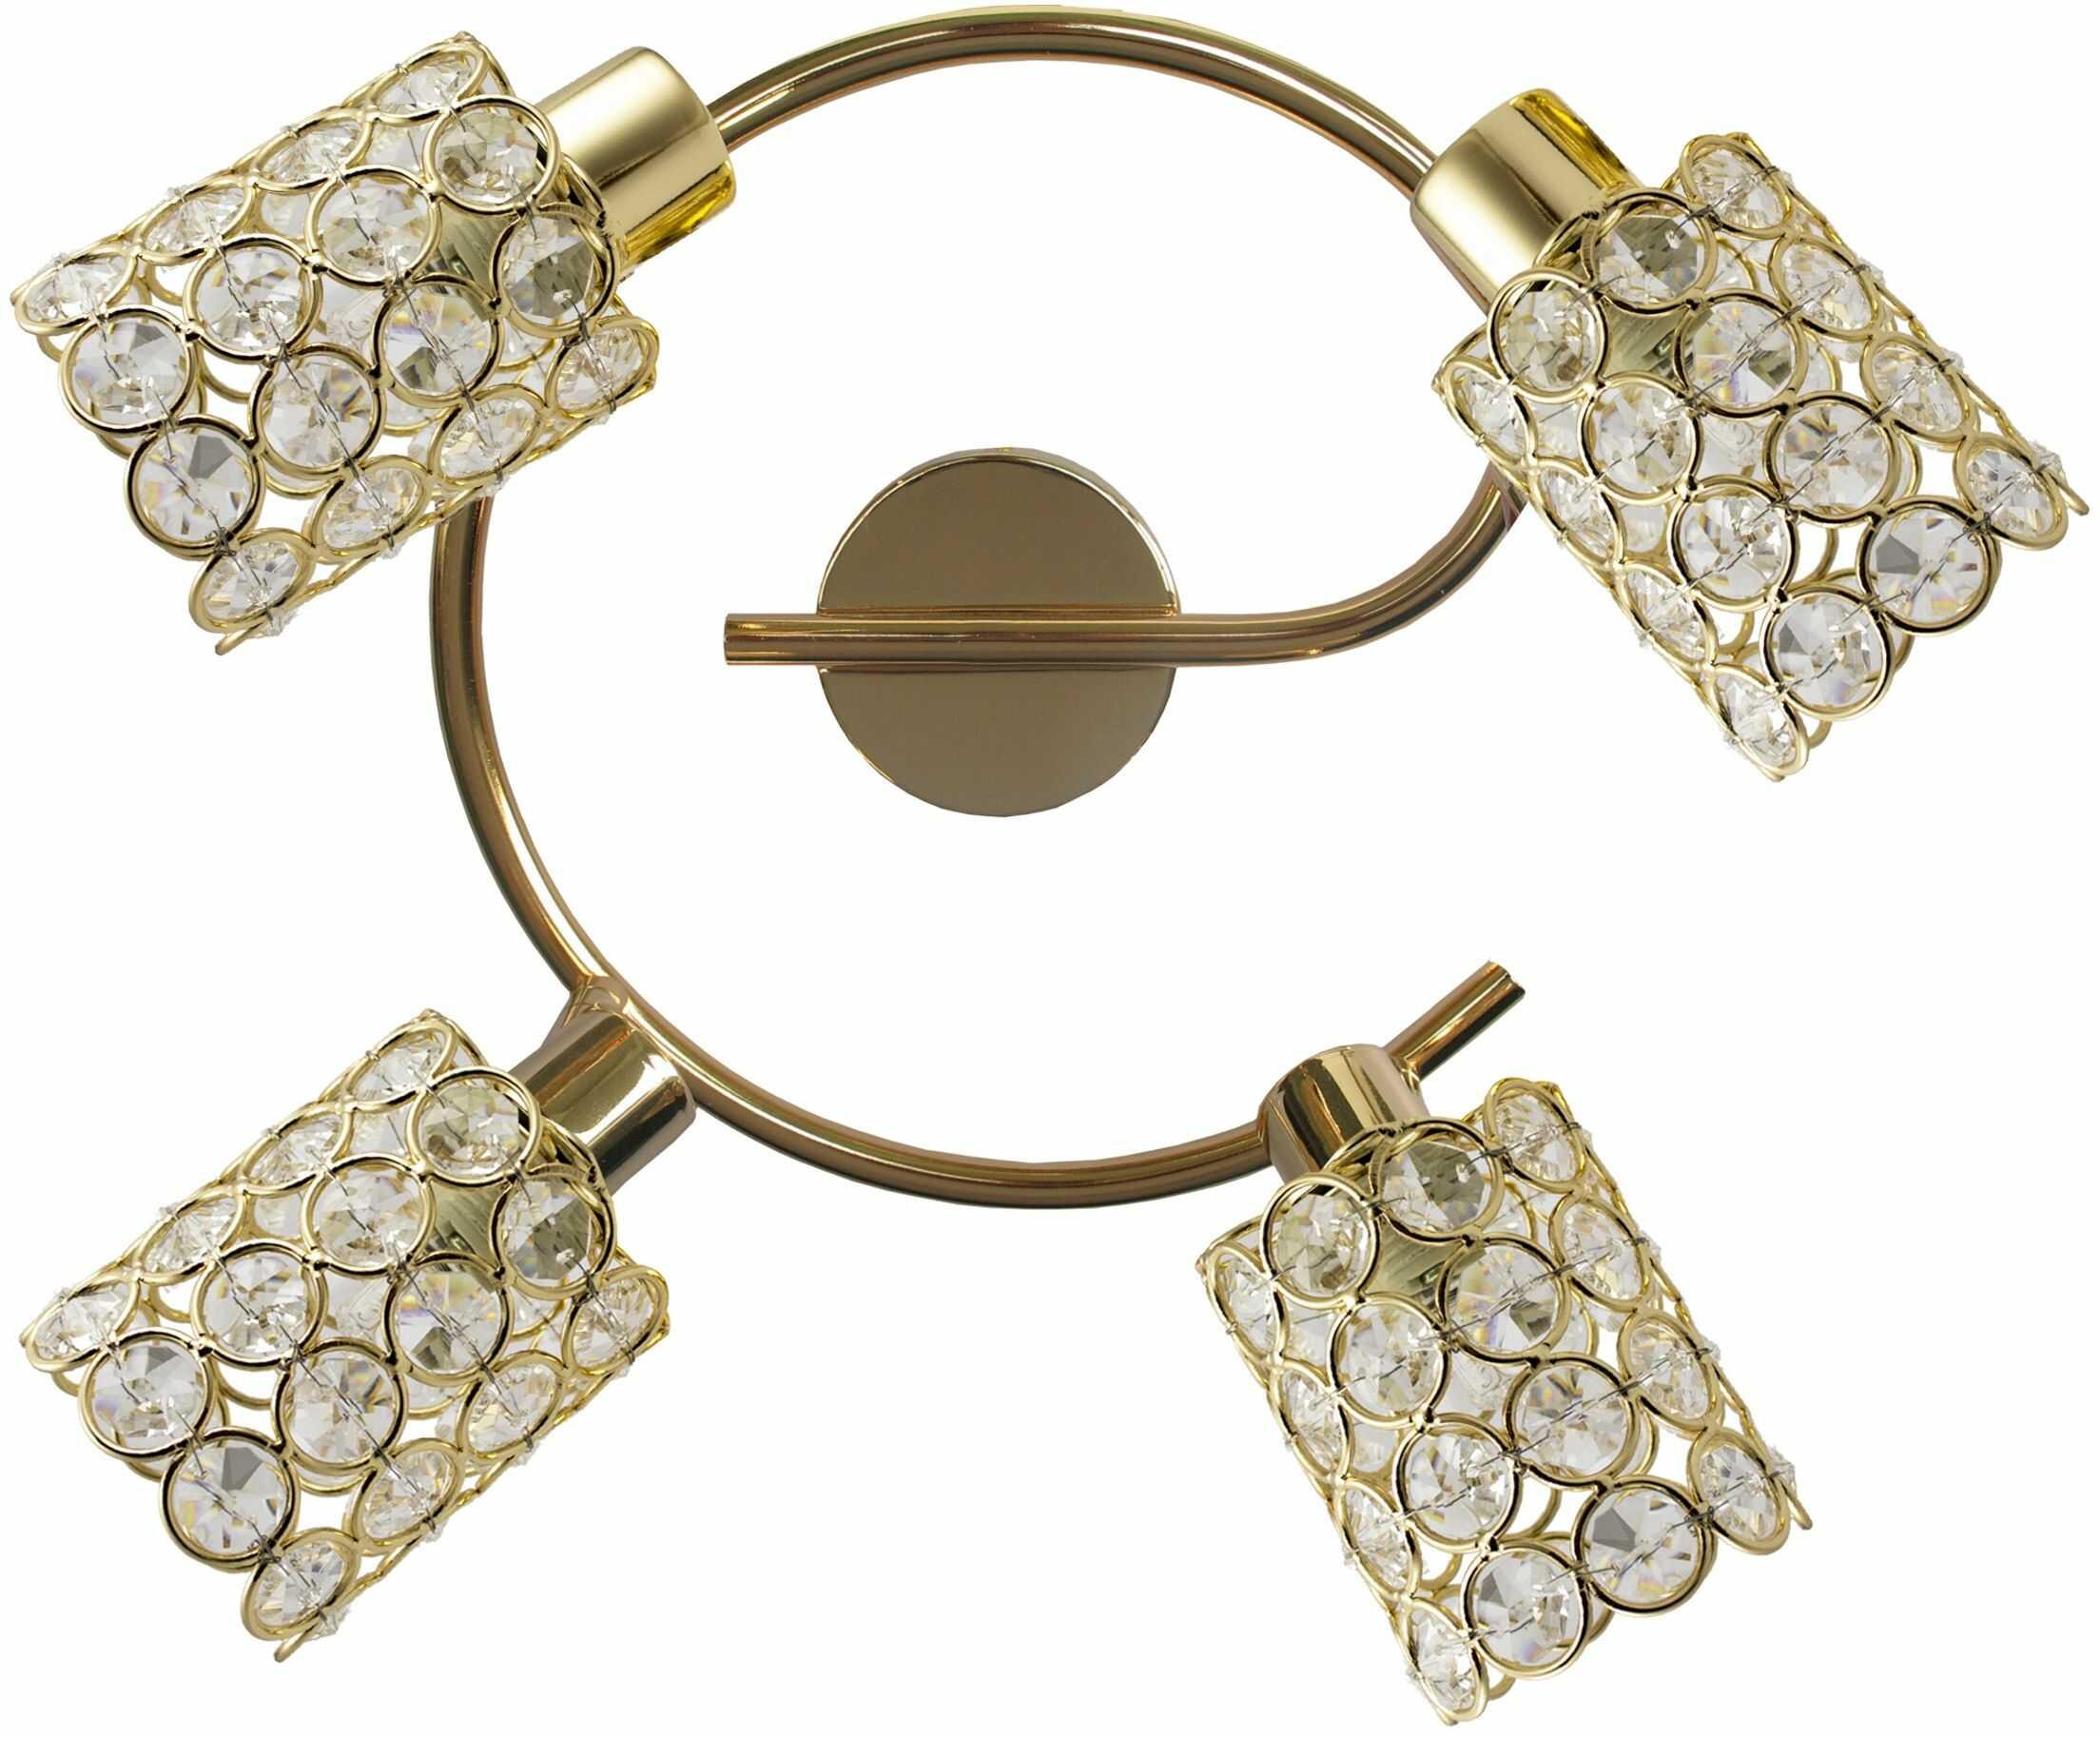 Candellux YORK 98-07230 plafon lampa sufitowa mosiądz kryształki 4X40W G9 44cm